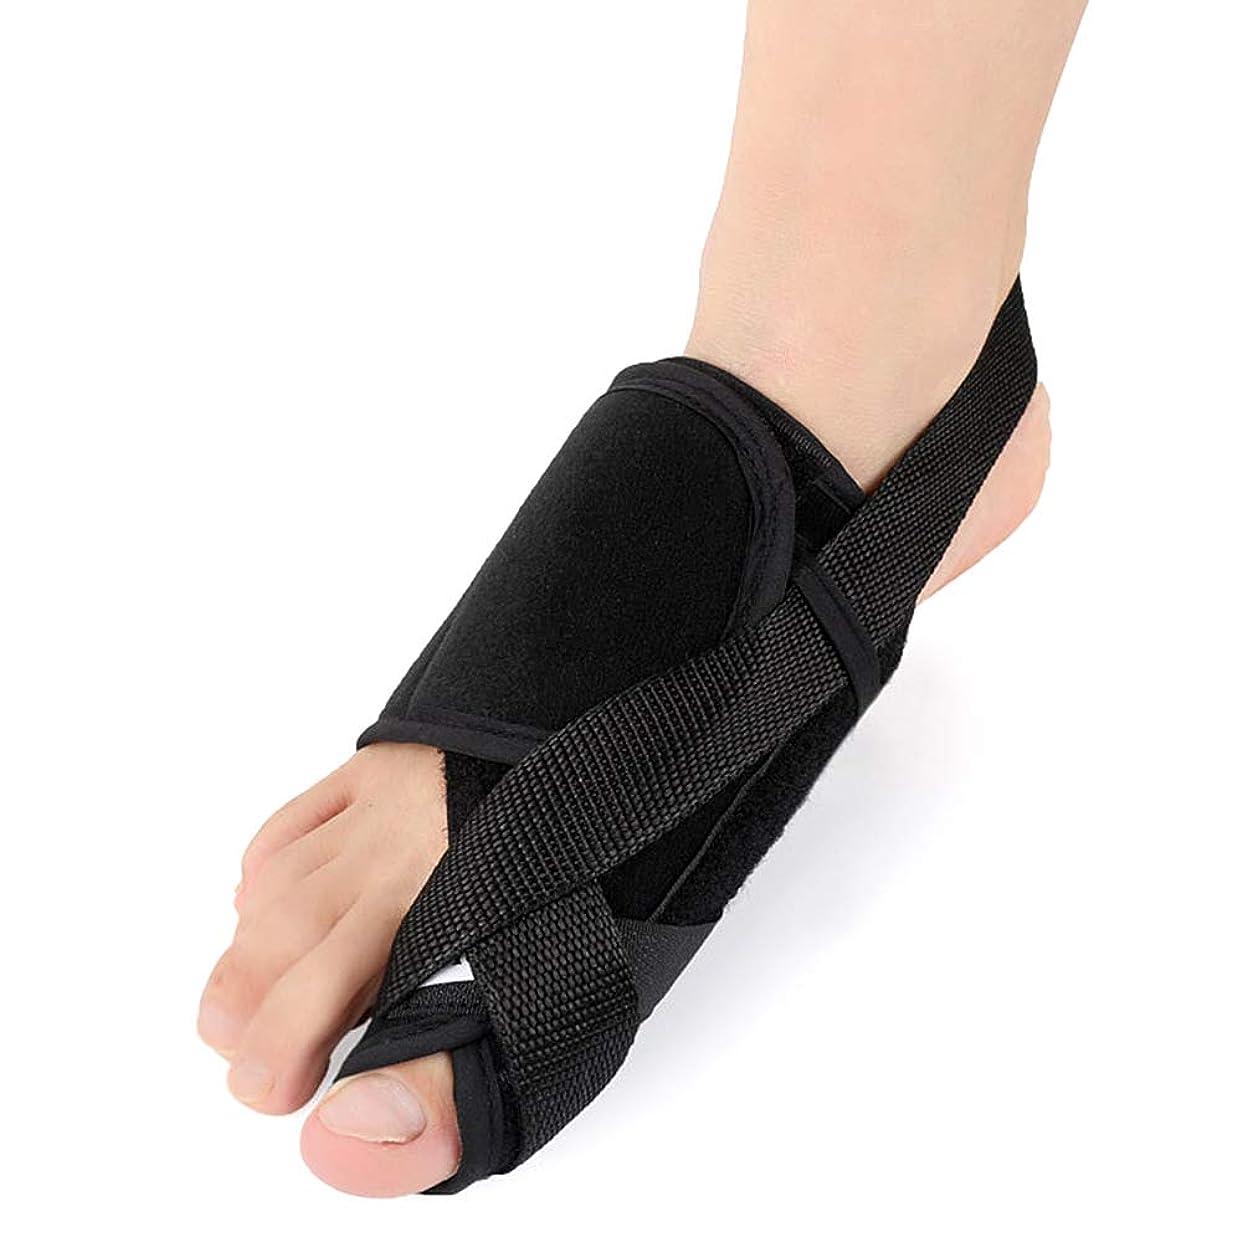 敵枠エコー外反母趾足指セパレーターは足指重複嚢胞通気性吸収汗を防ぎヨガ後の痛みと変形を軽減,S